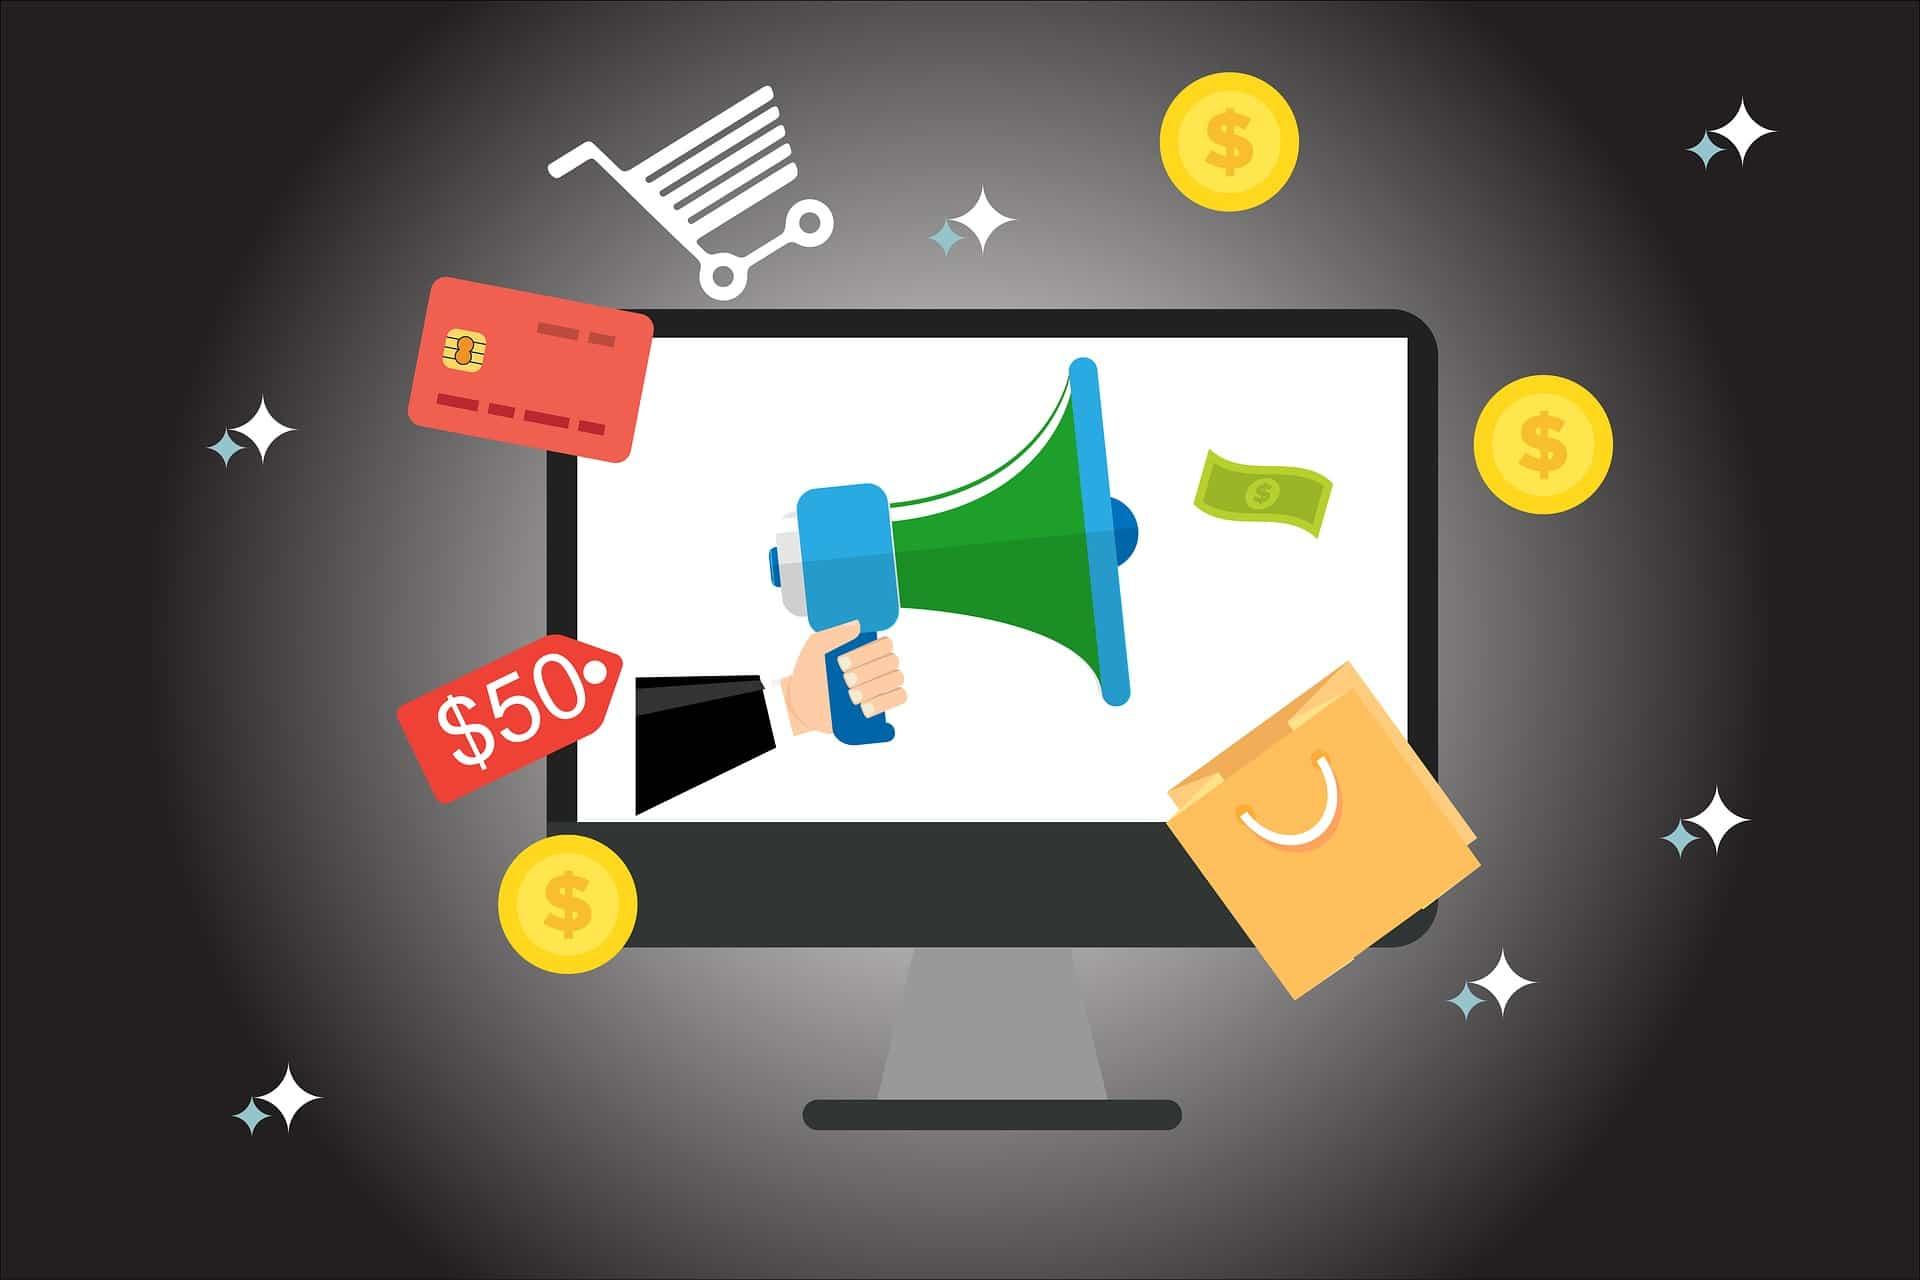 Google ups e-commerce game